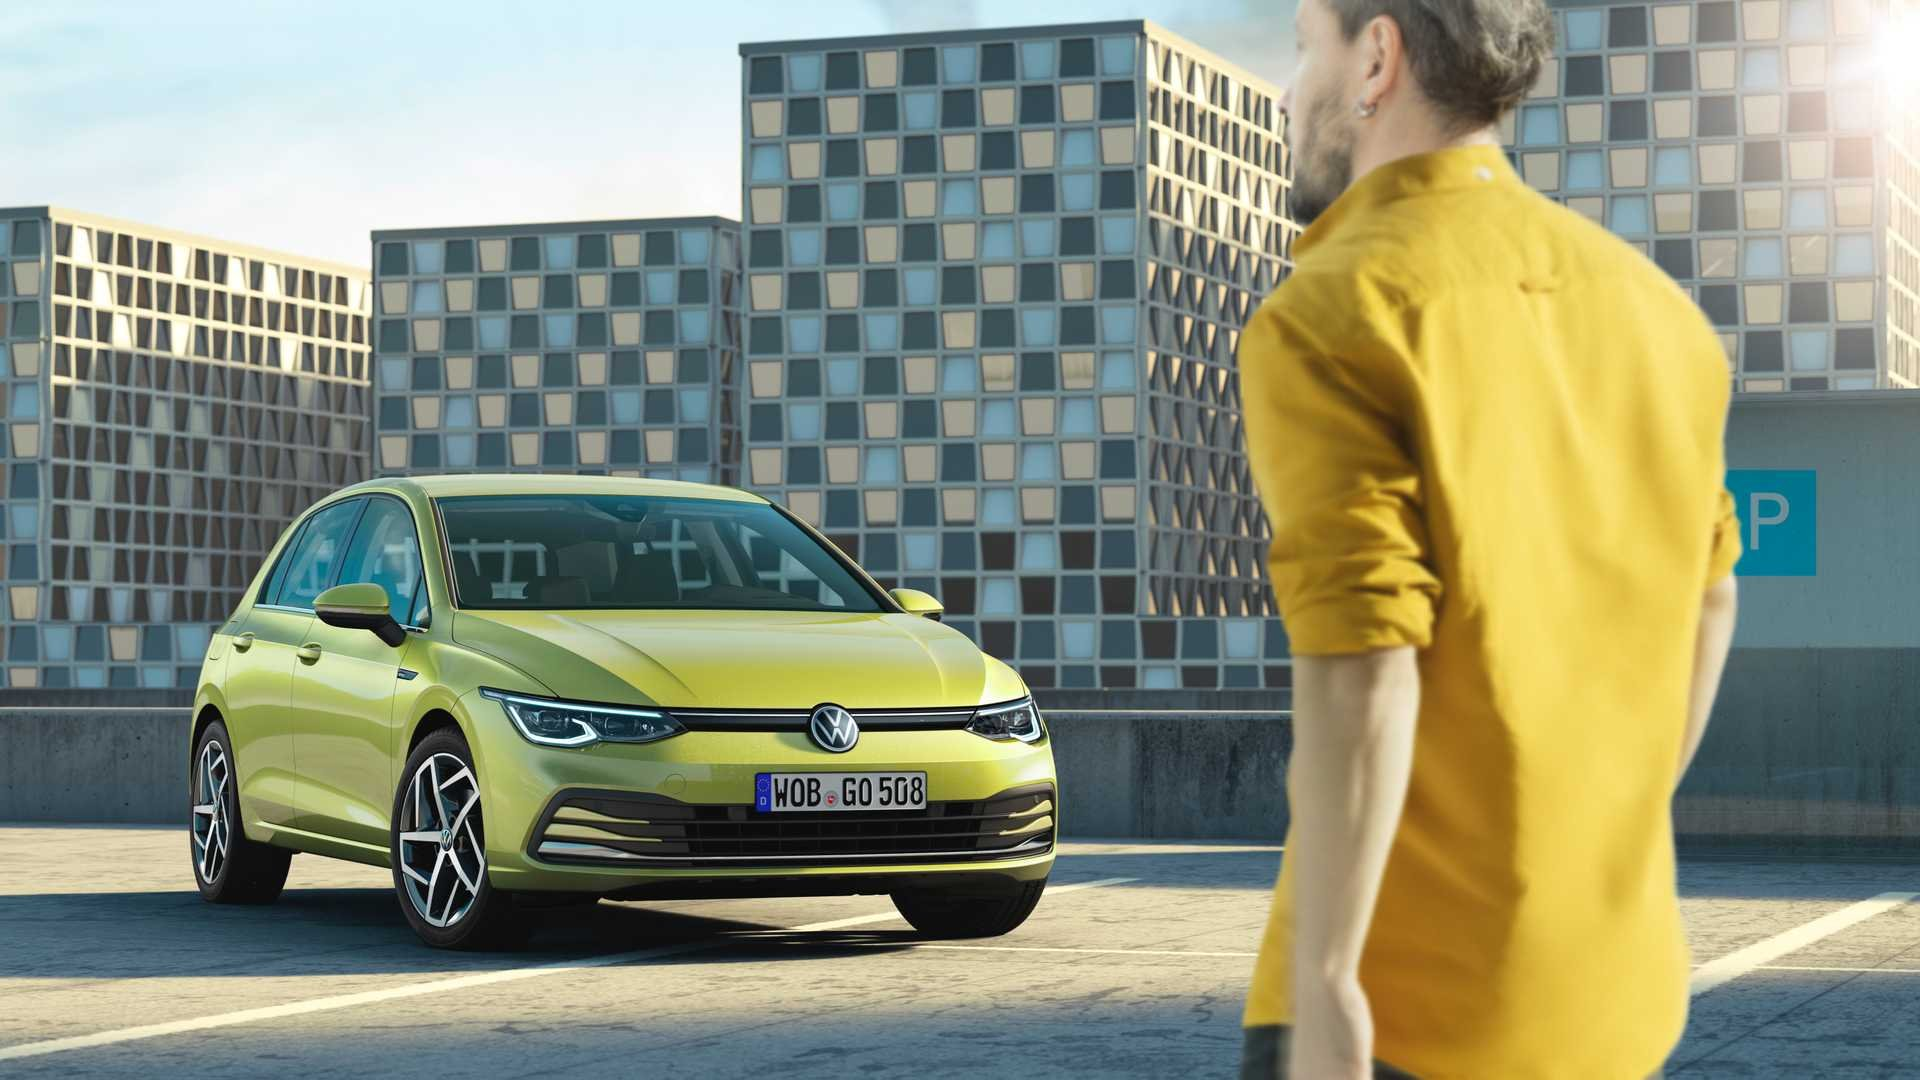 Фольксваген гольф 2020 цены, комплектации в новом кузове, фото, видео теста